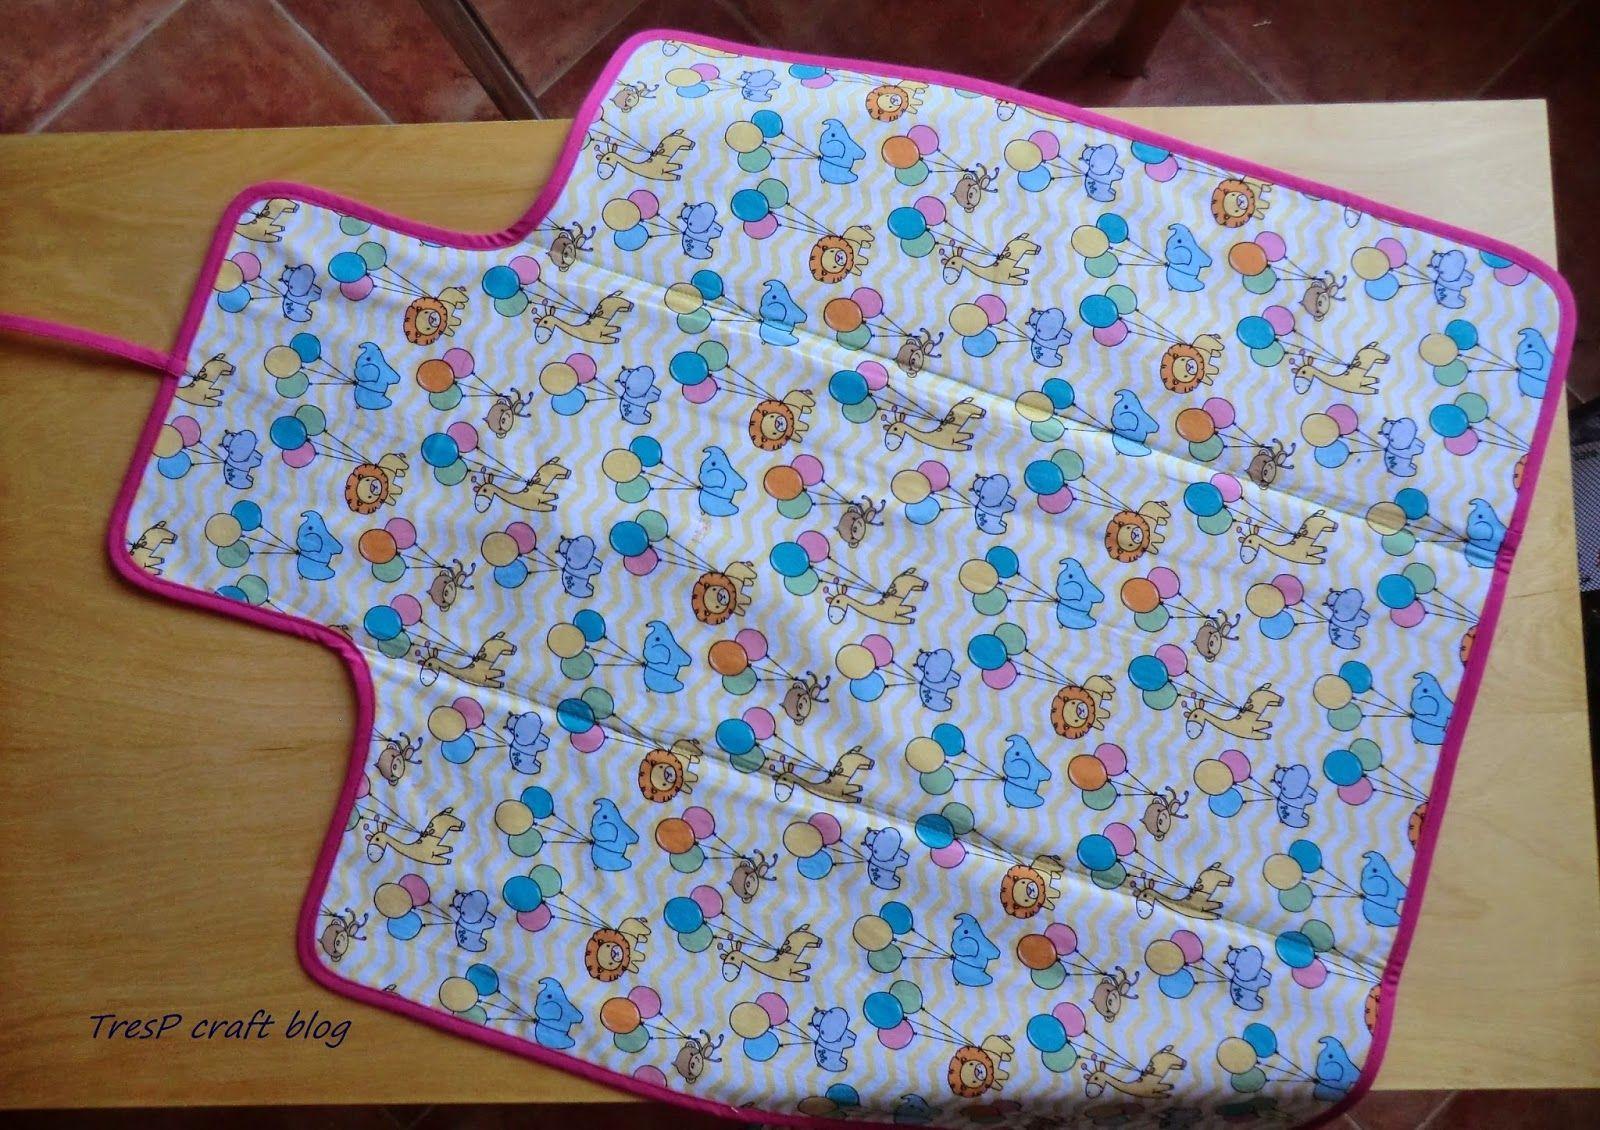 Tresp craft blog tutorial como hacer un cambiador - Cambiador bebe patchwork ...